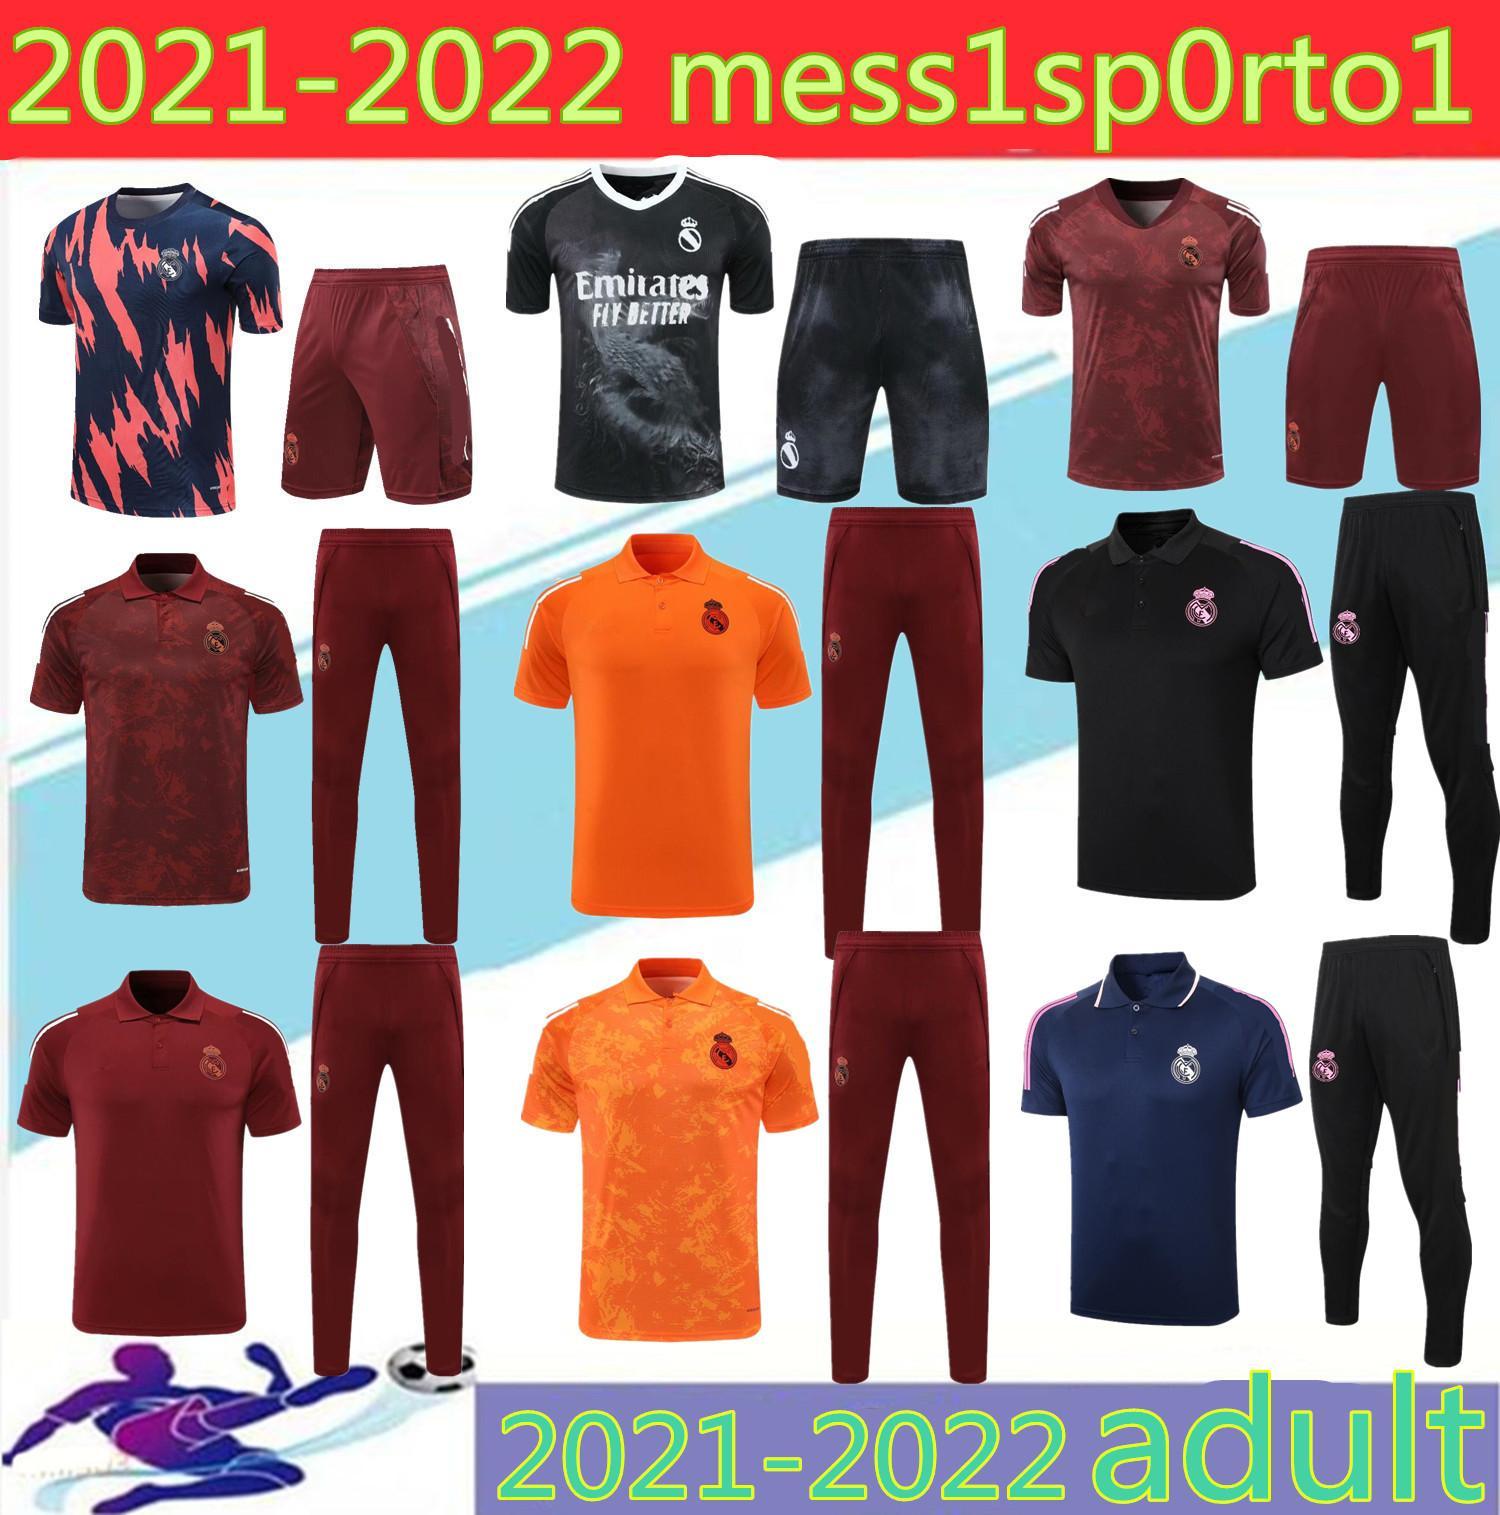 폴로 셔츠 2020 레알 마드리드 축구 유니폼 폴로 셔츠 Tracksuit 바지 20 21Sergio Ramos 벤즈마 Modric Isco 베일 축구 폴로 셔츠